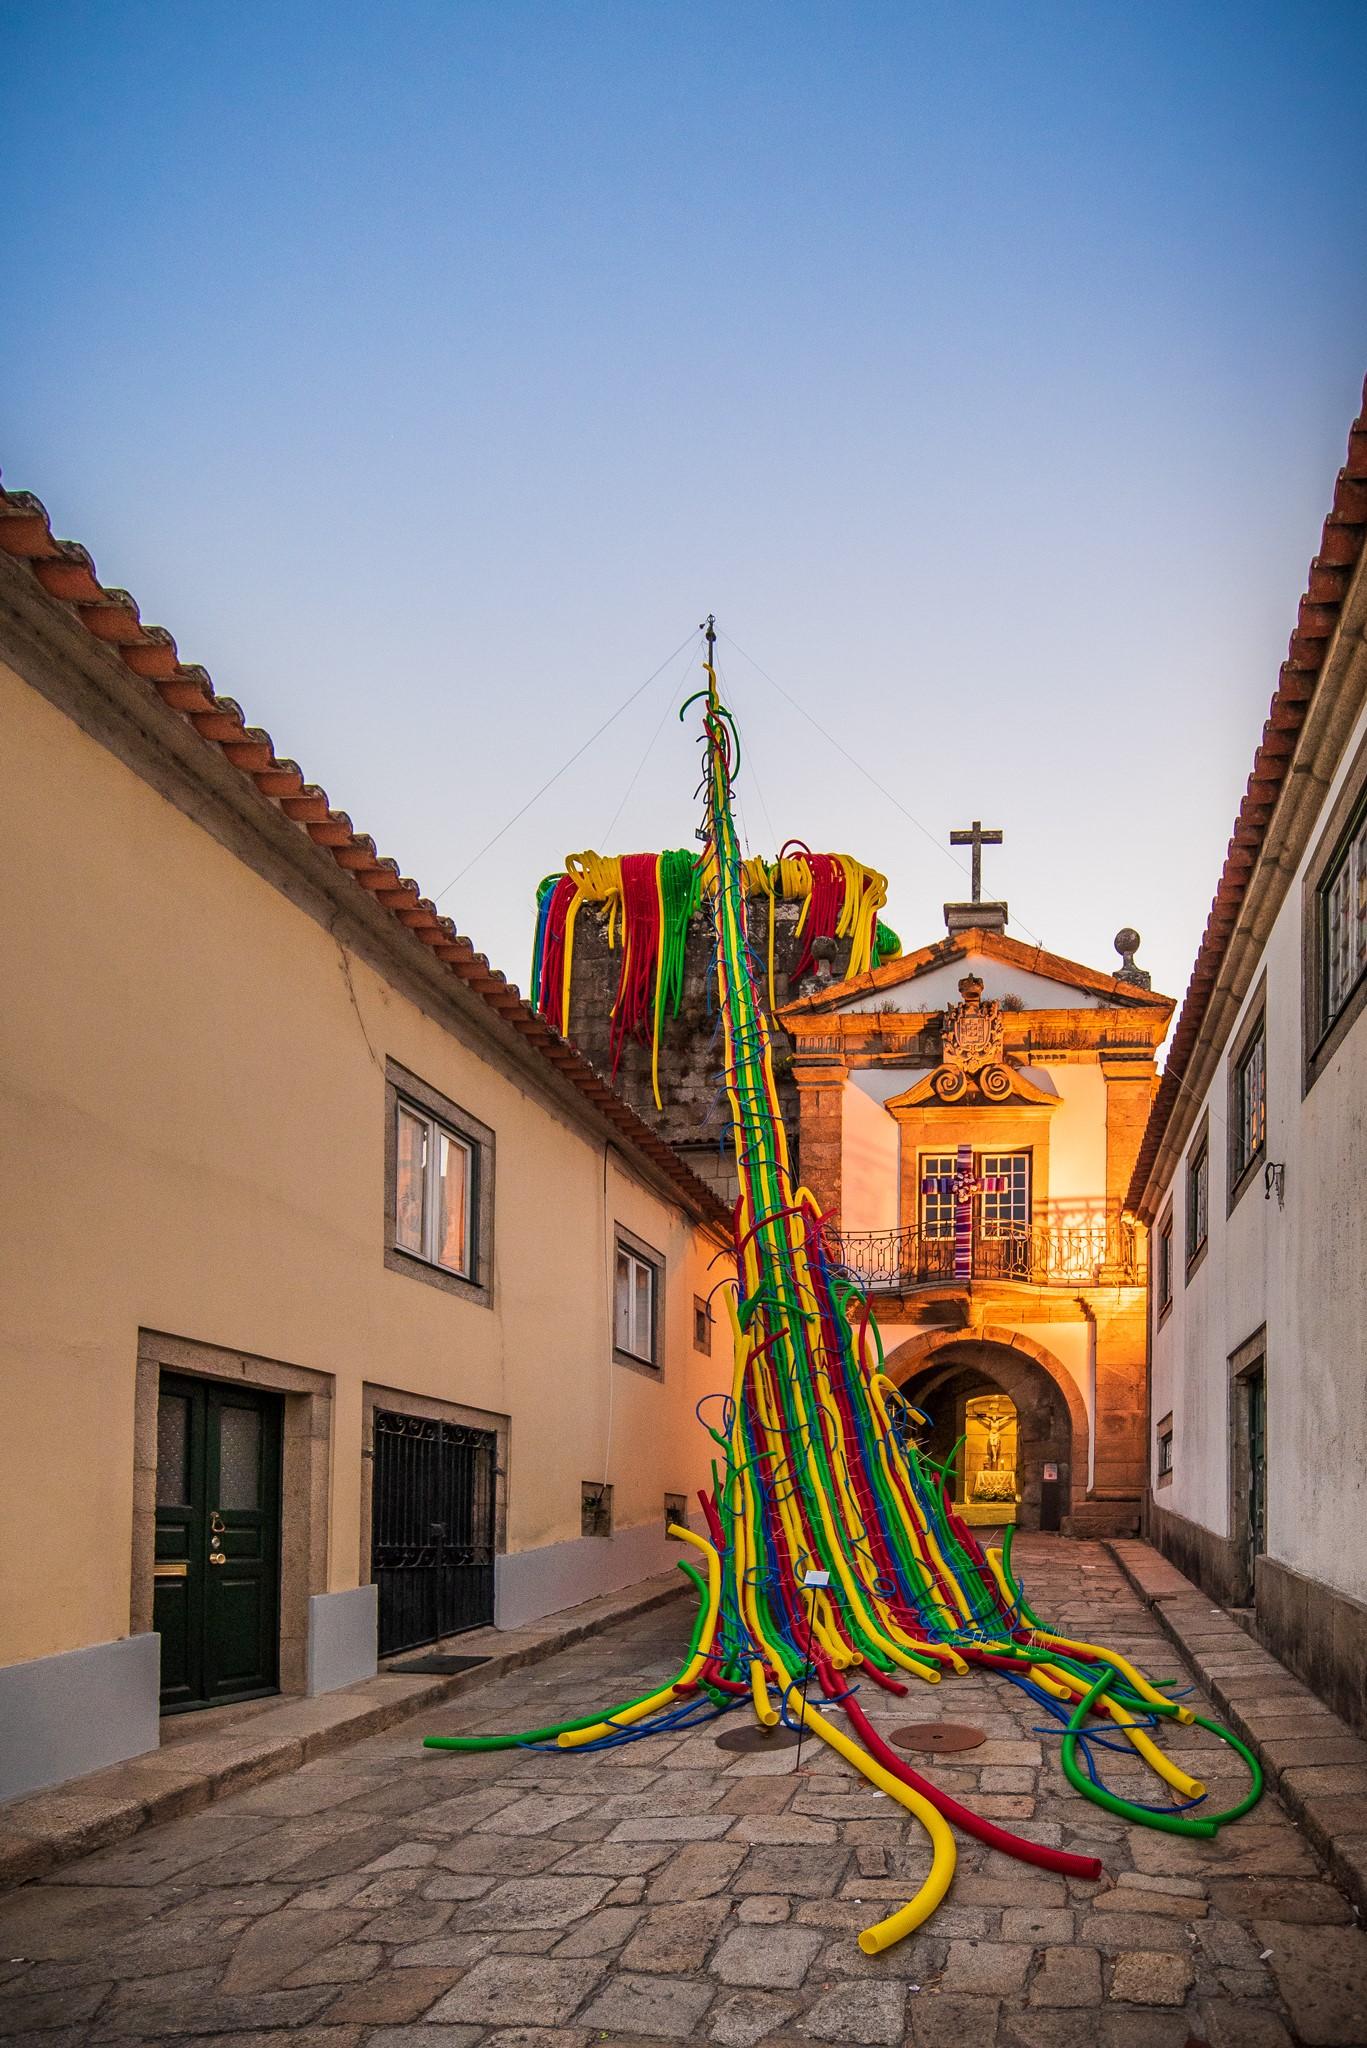 Intervenção de Acácio de Carvalho, Castelo de Cerveira, XX Bienal Internacional de Arte de Cerveira, 2018